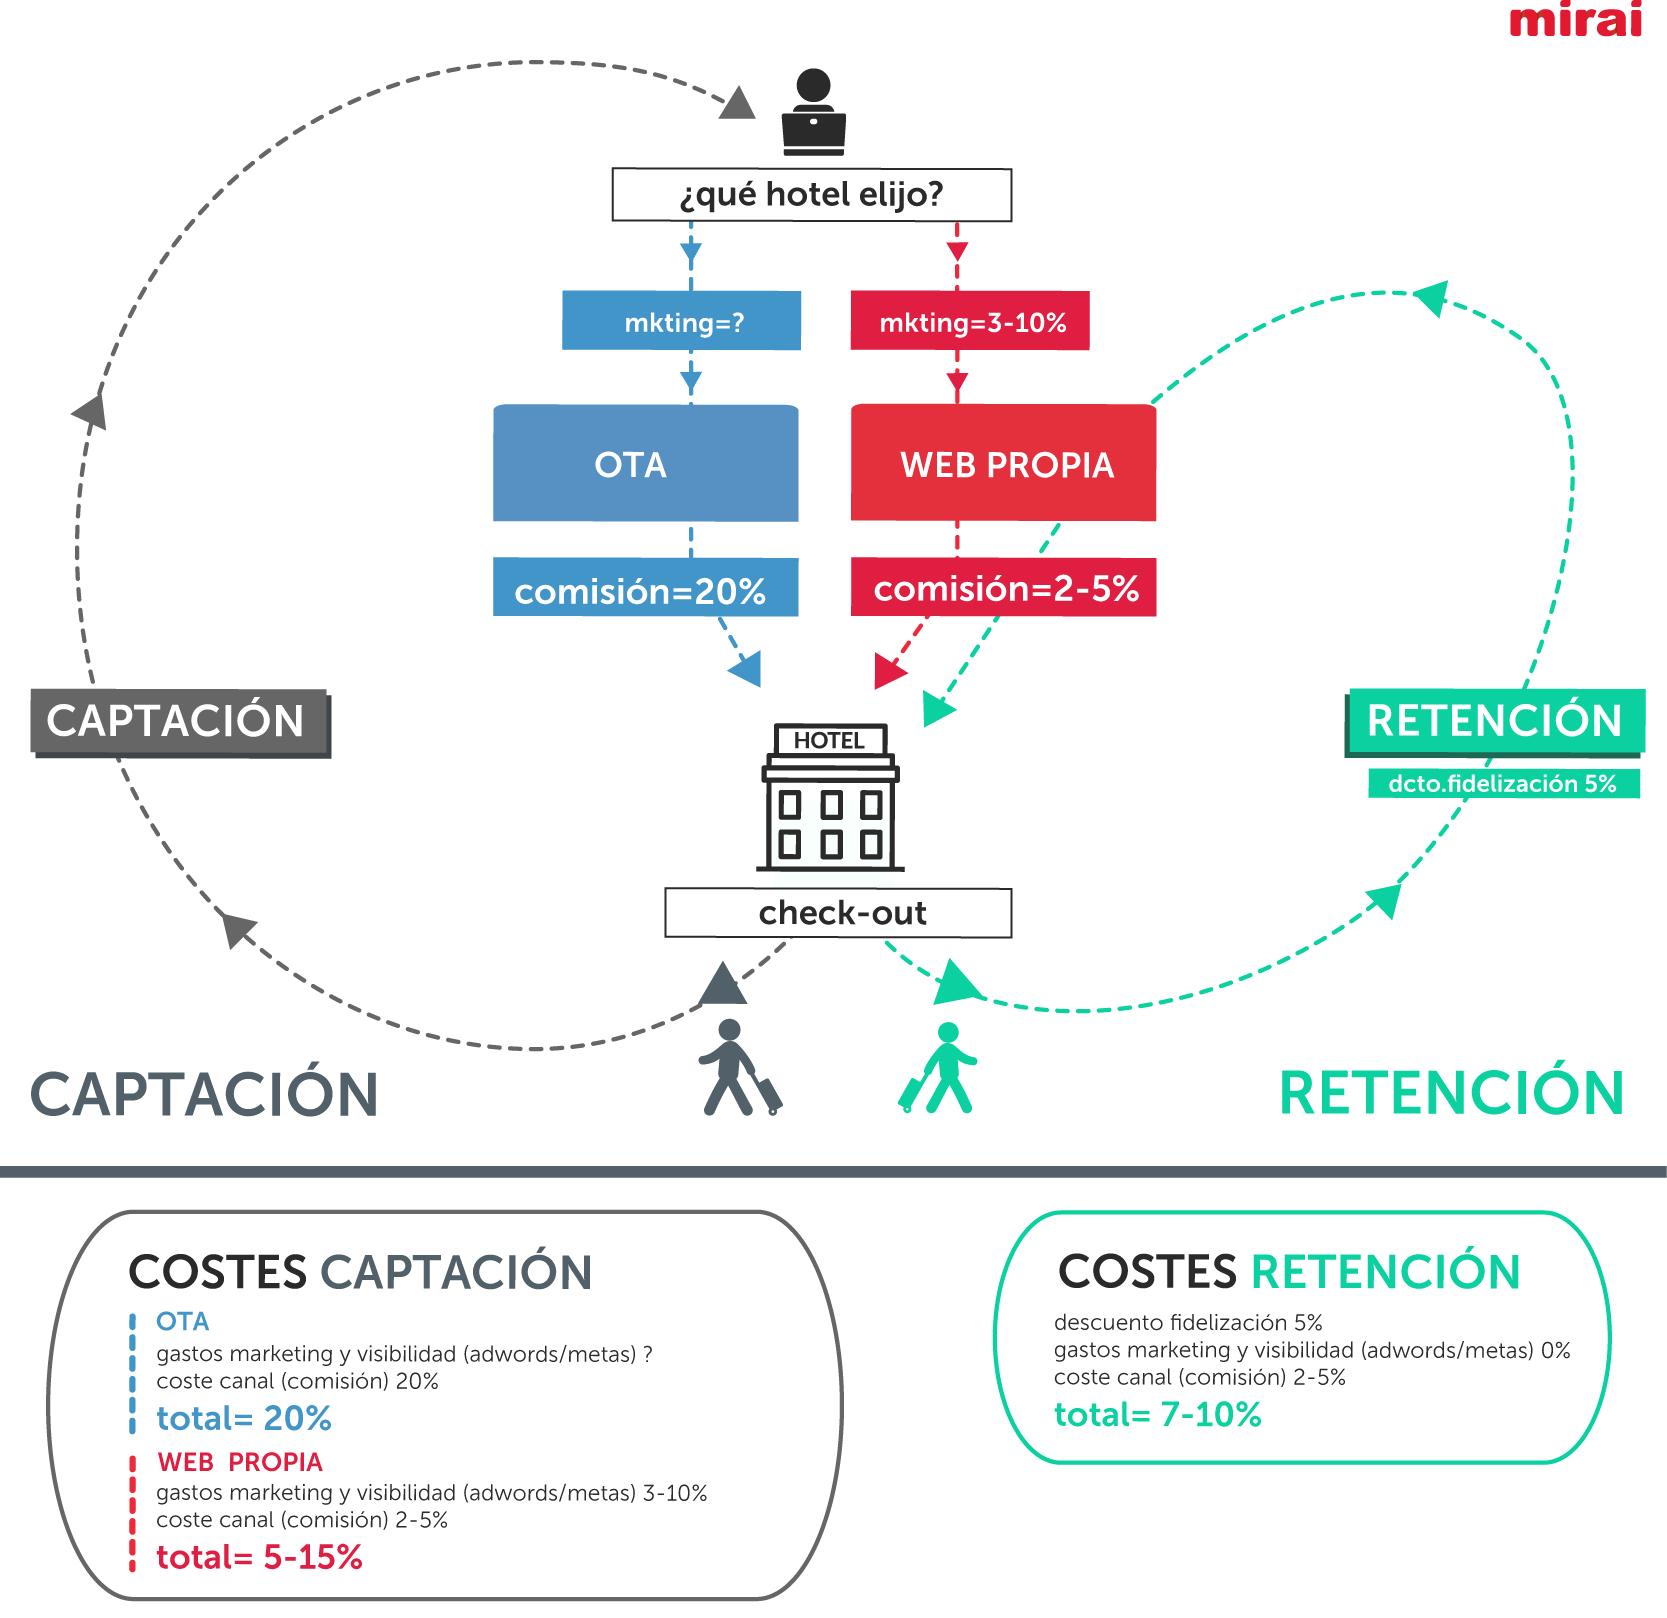 Captación vs. retención